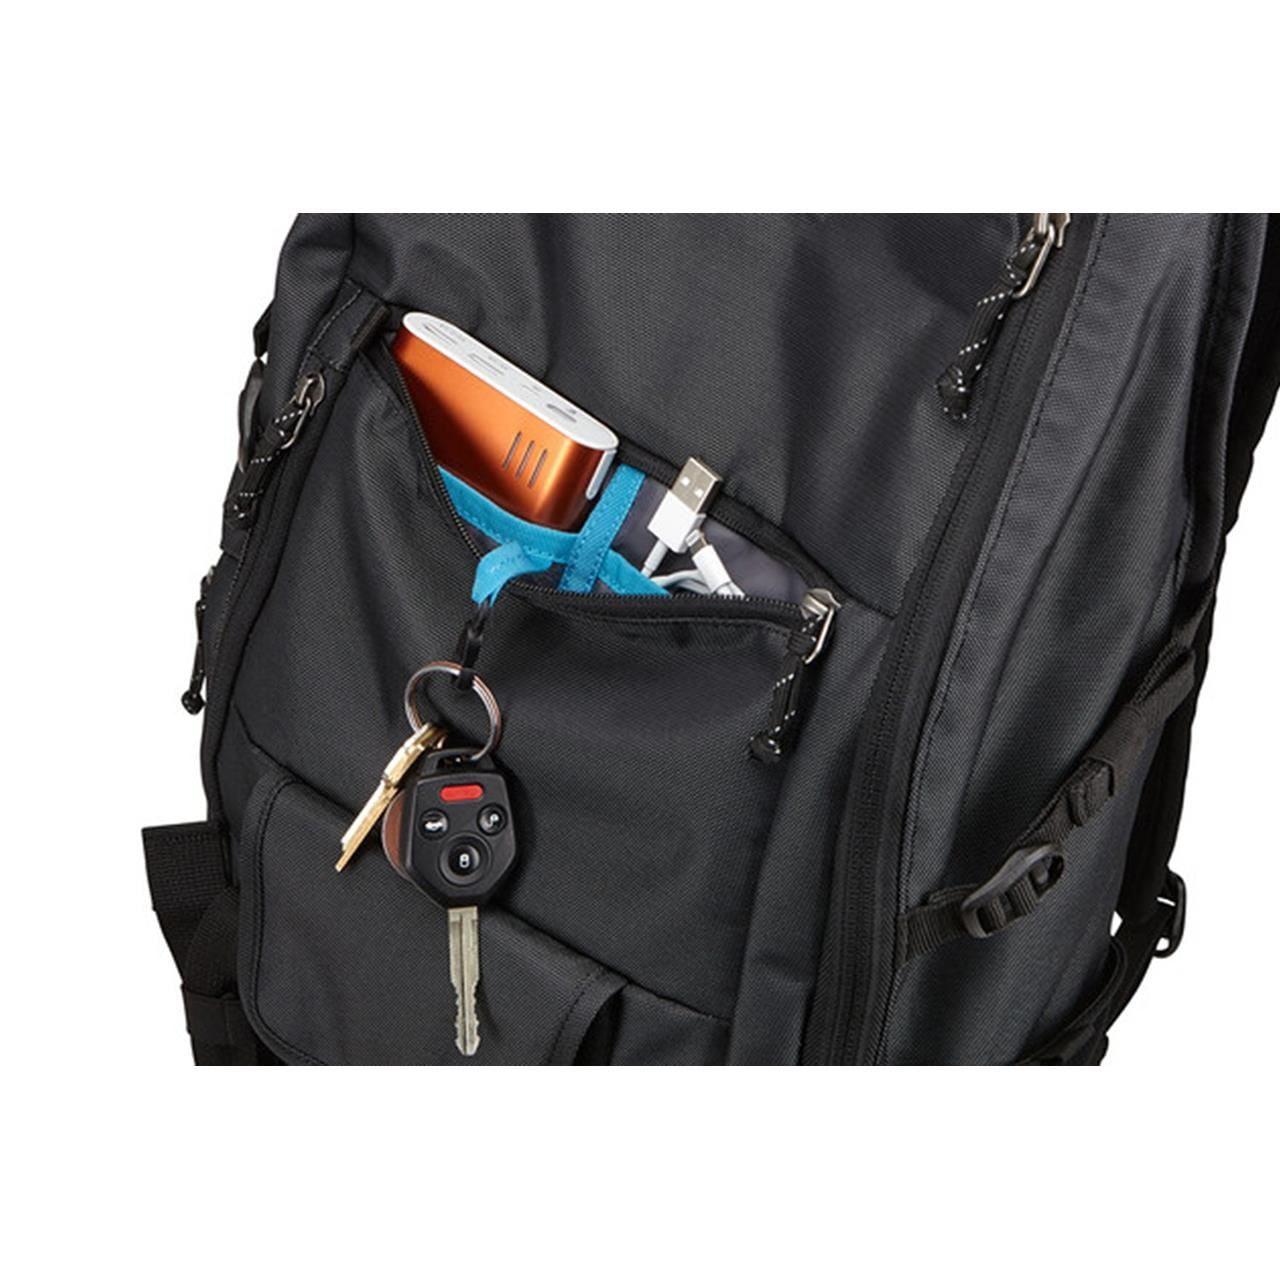 Rucsac urban cu compartiment laptop Thule Subterra Daypack pentru 15 MacBook Pro Dark Grey 4